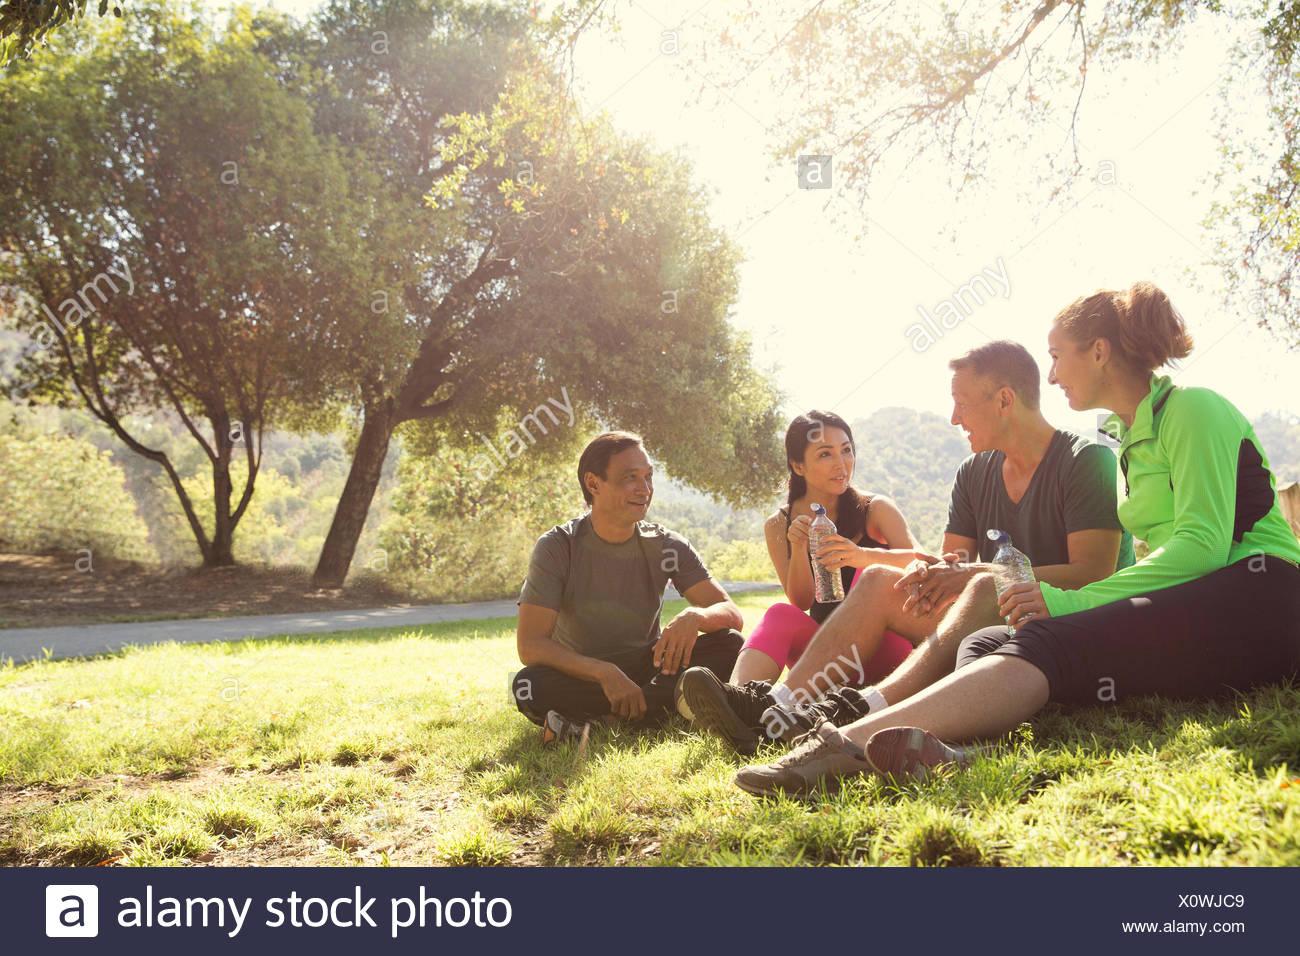 Les quatre coureurs, garçons et filles, sitting chatting in park Photo Stock